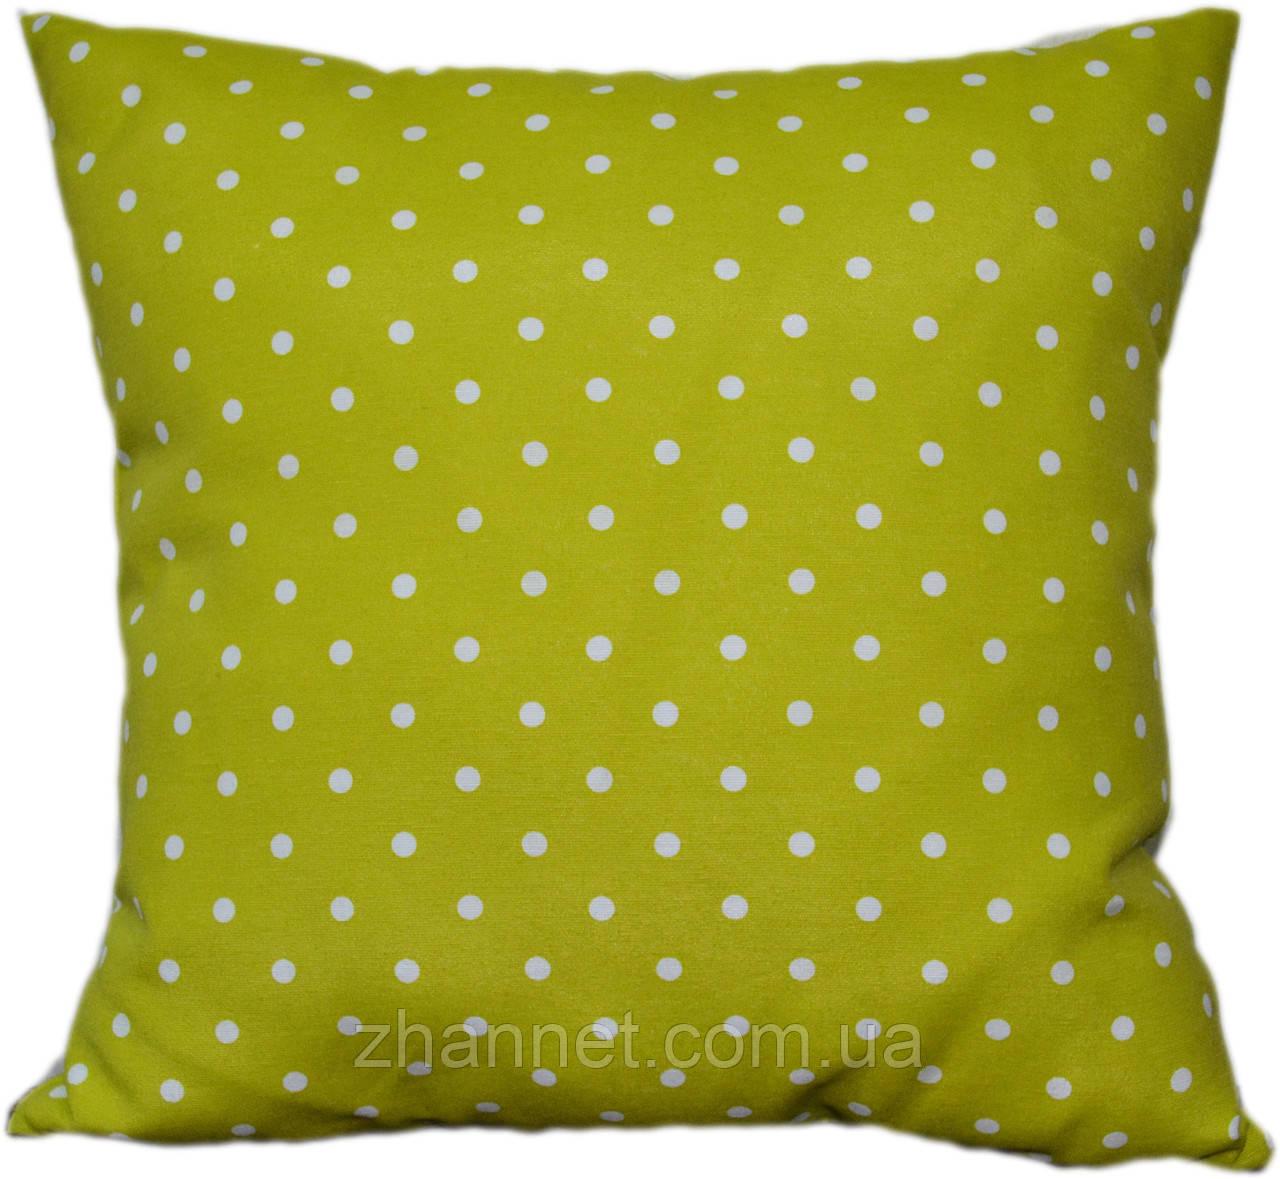 Декоративна подушка Горох оливка